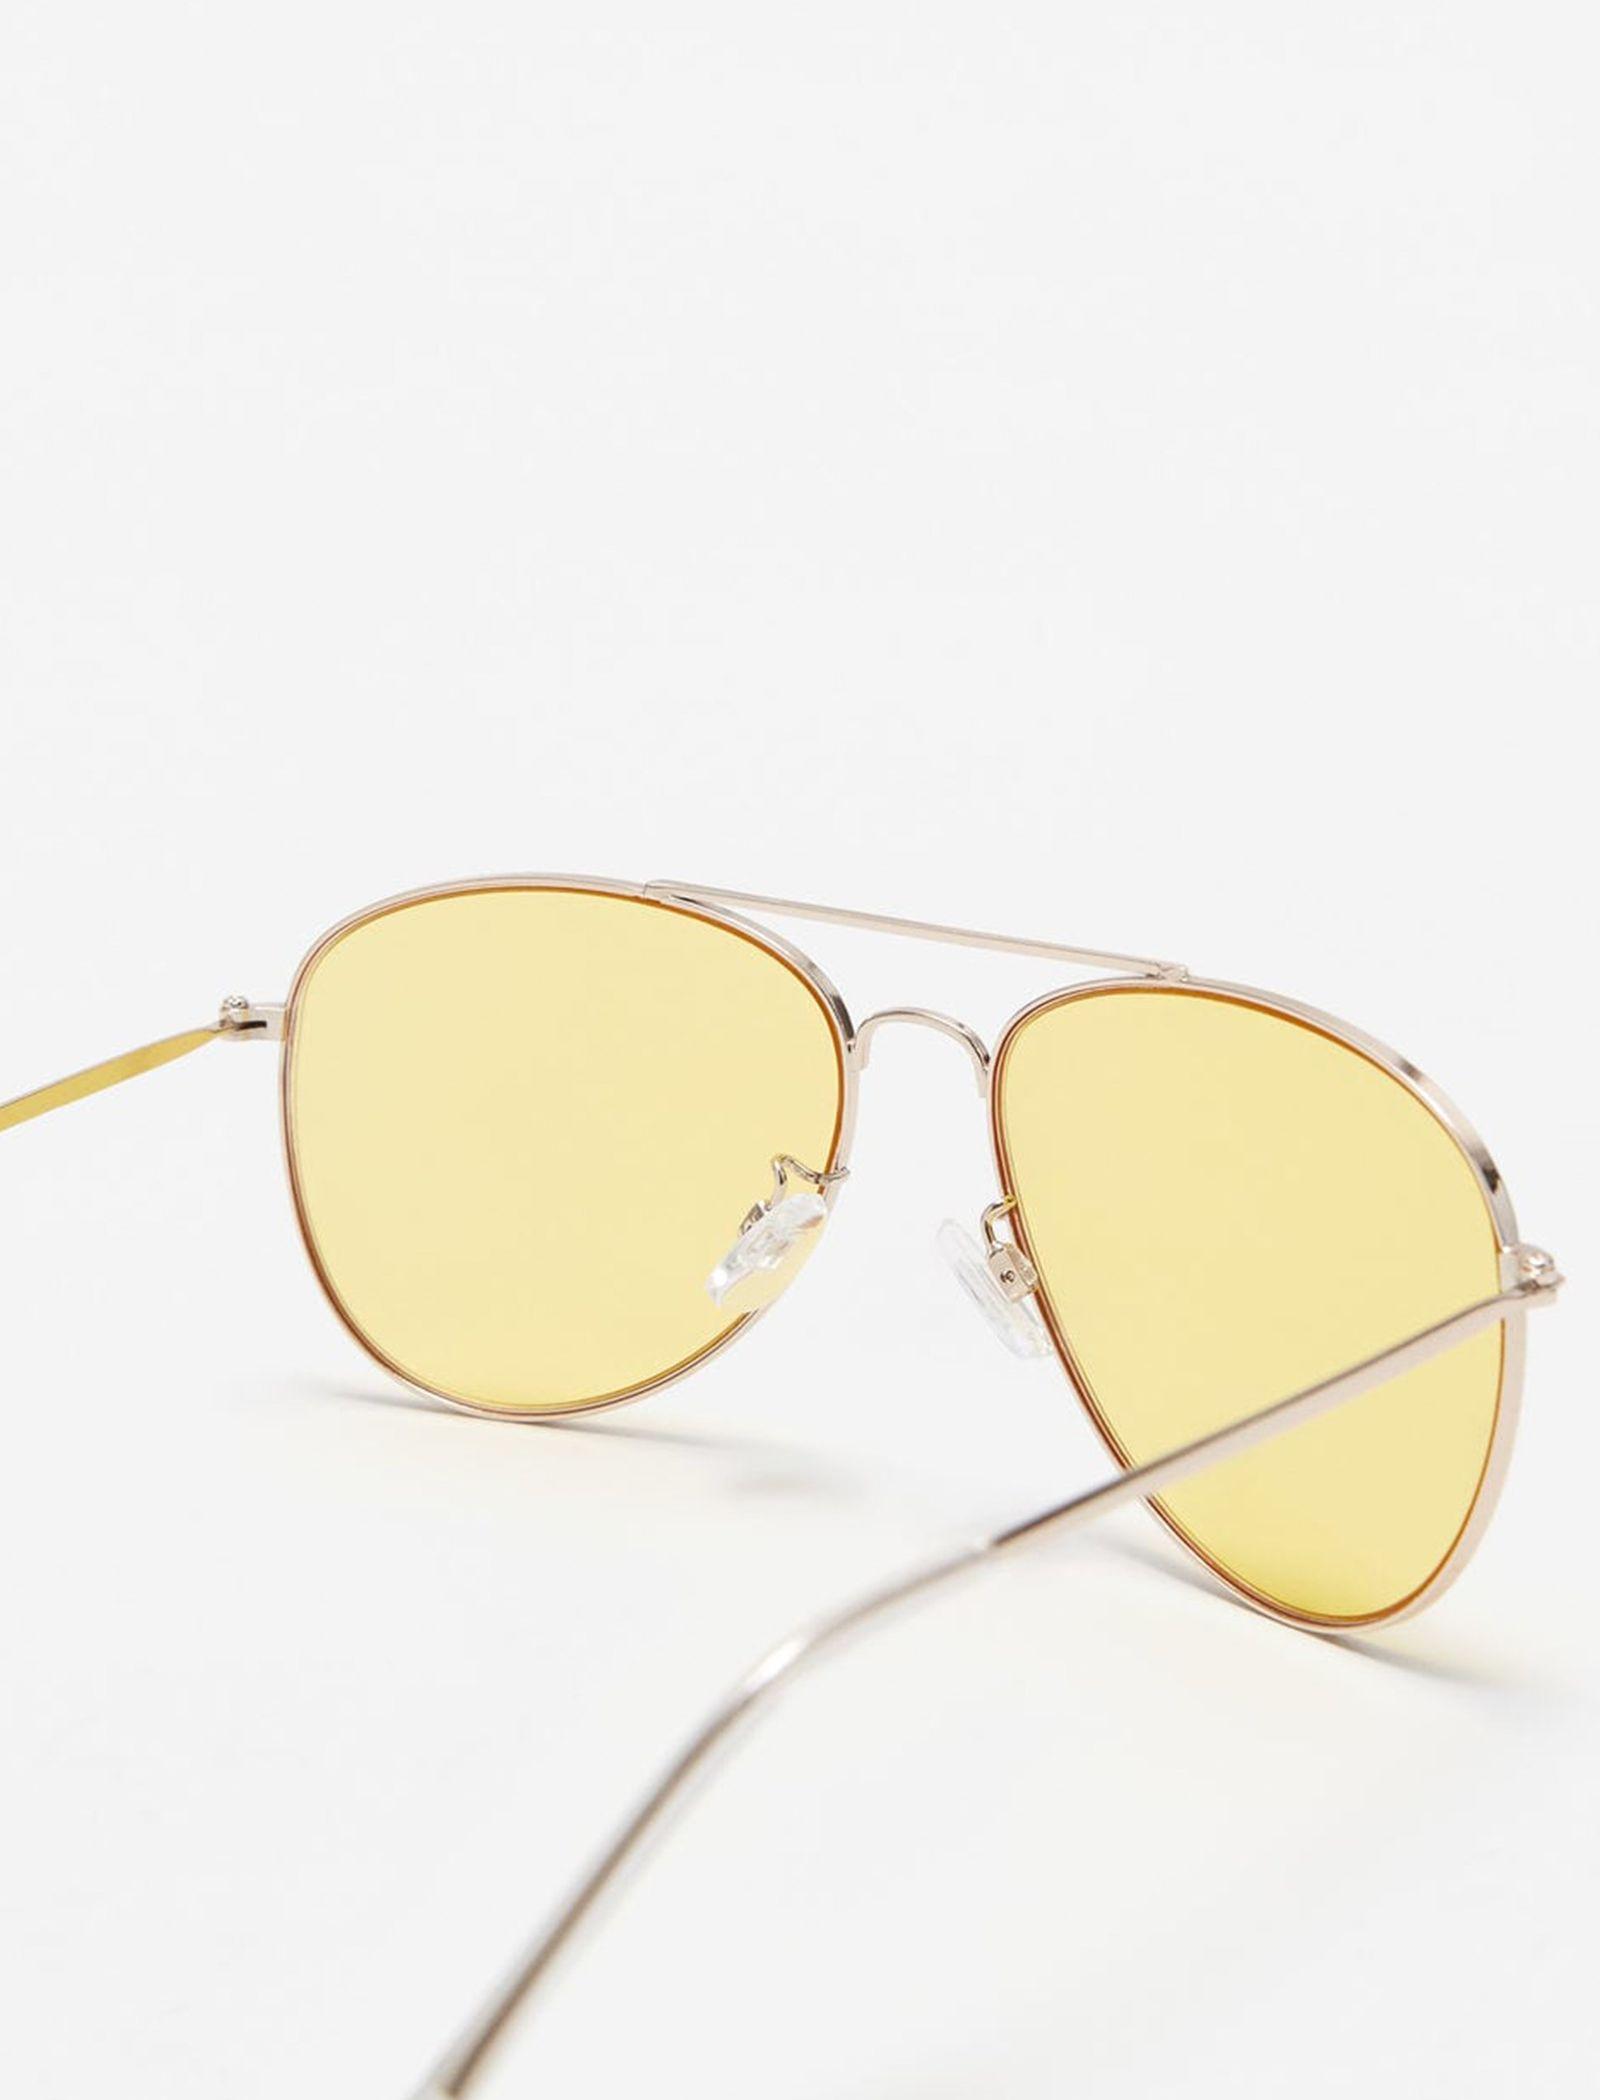 عینک آفتابی خلبانی زنانه - مانگو - طلايي - 2